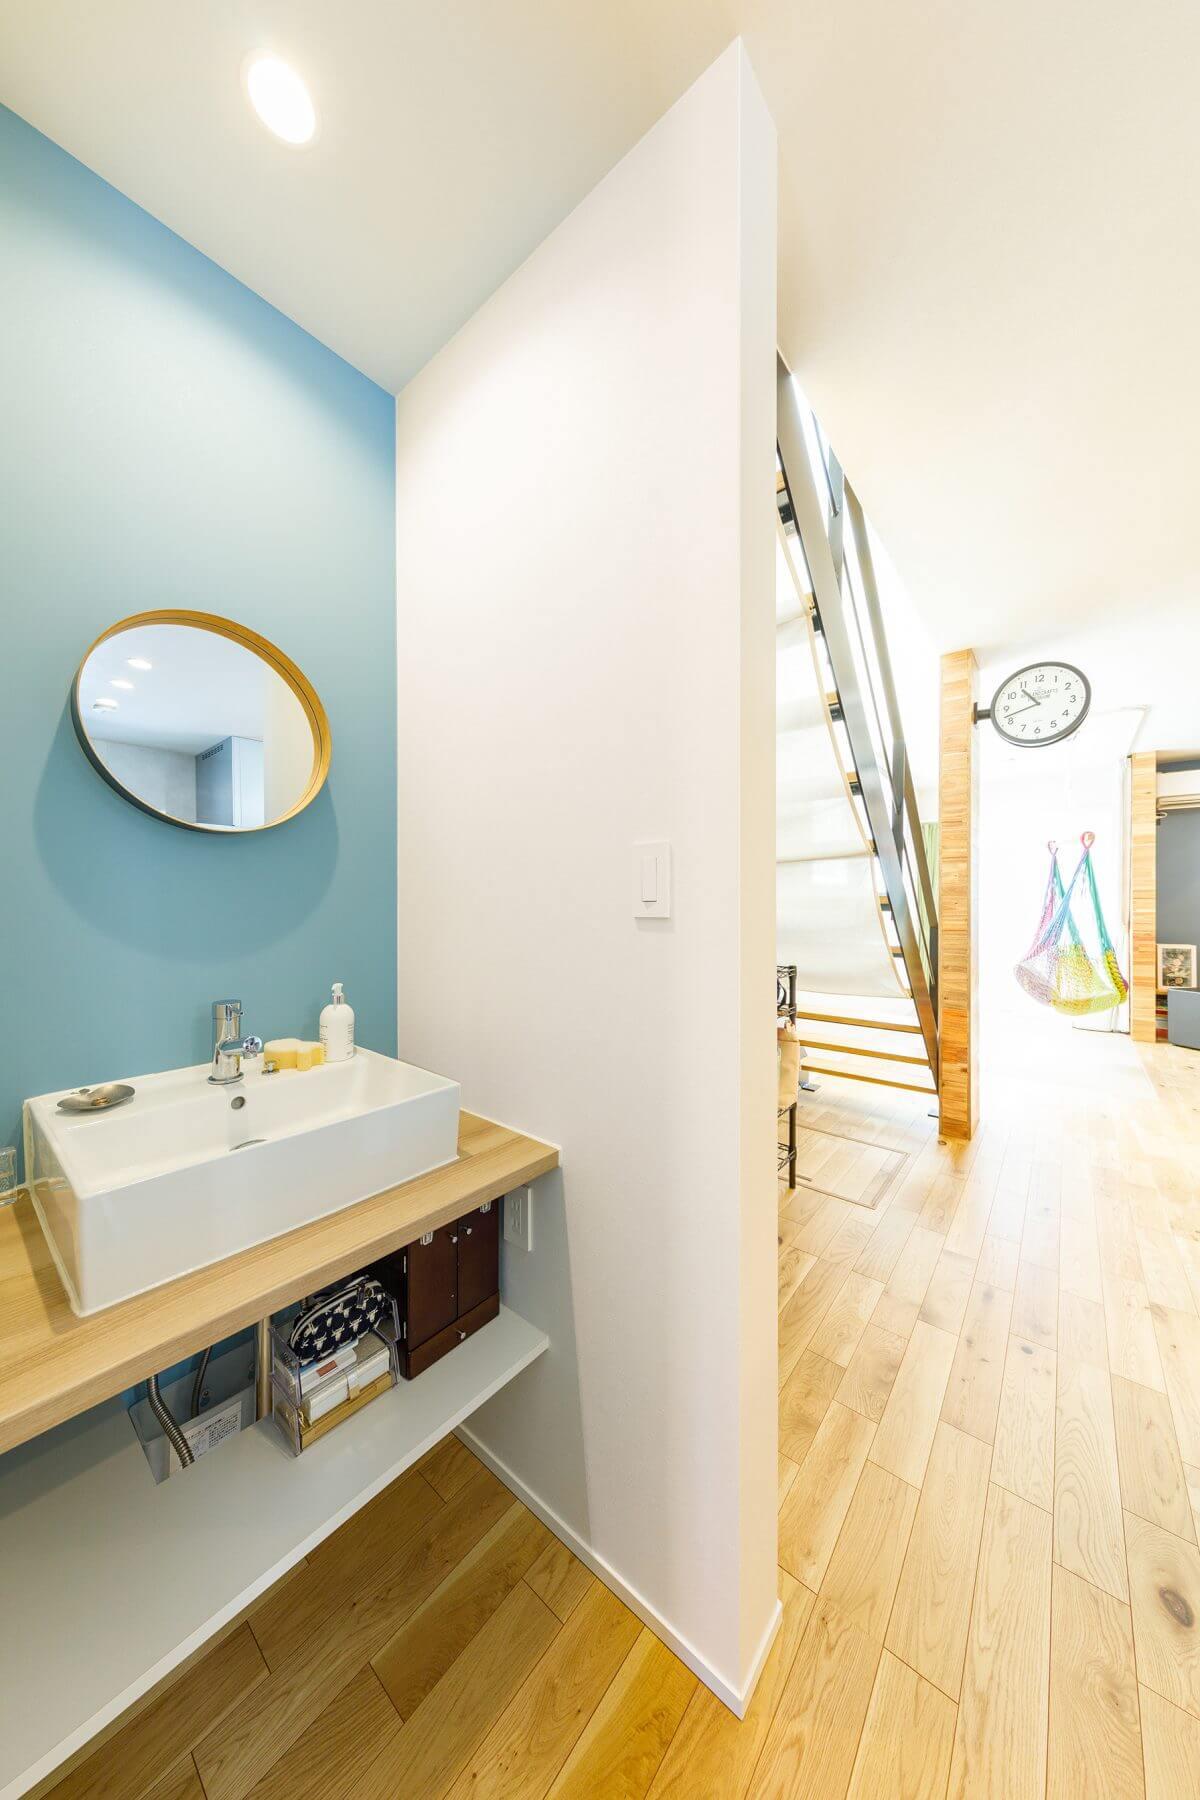 LDKと玄関は間仕切りなく繋がっています。廊下を兼ねるスペースに手洗いコーナーを設置。帰宅後にすぐに手を洗える動線が確保されています。